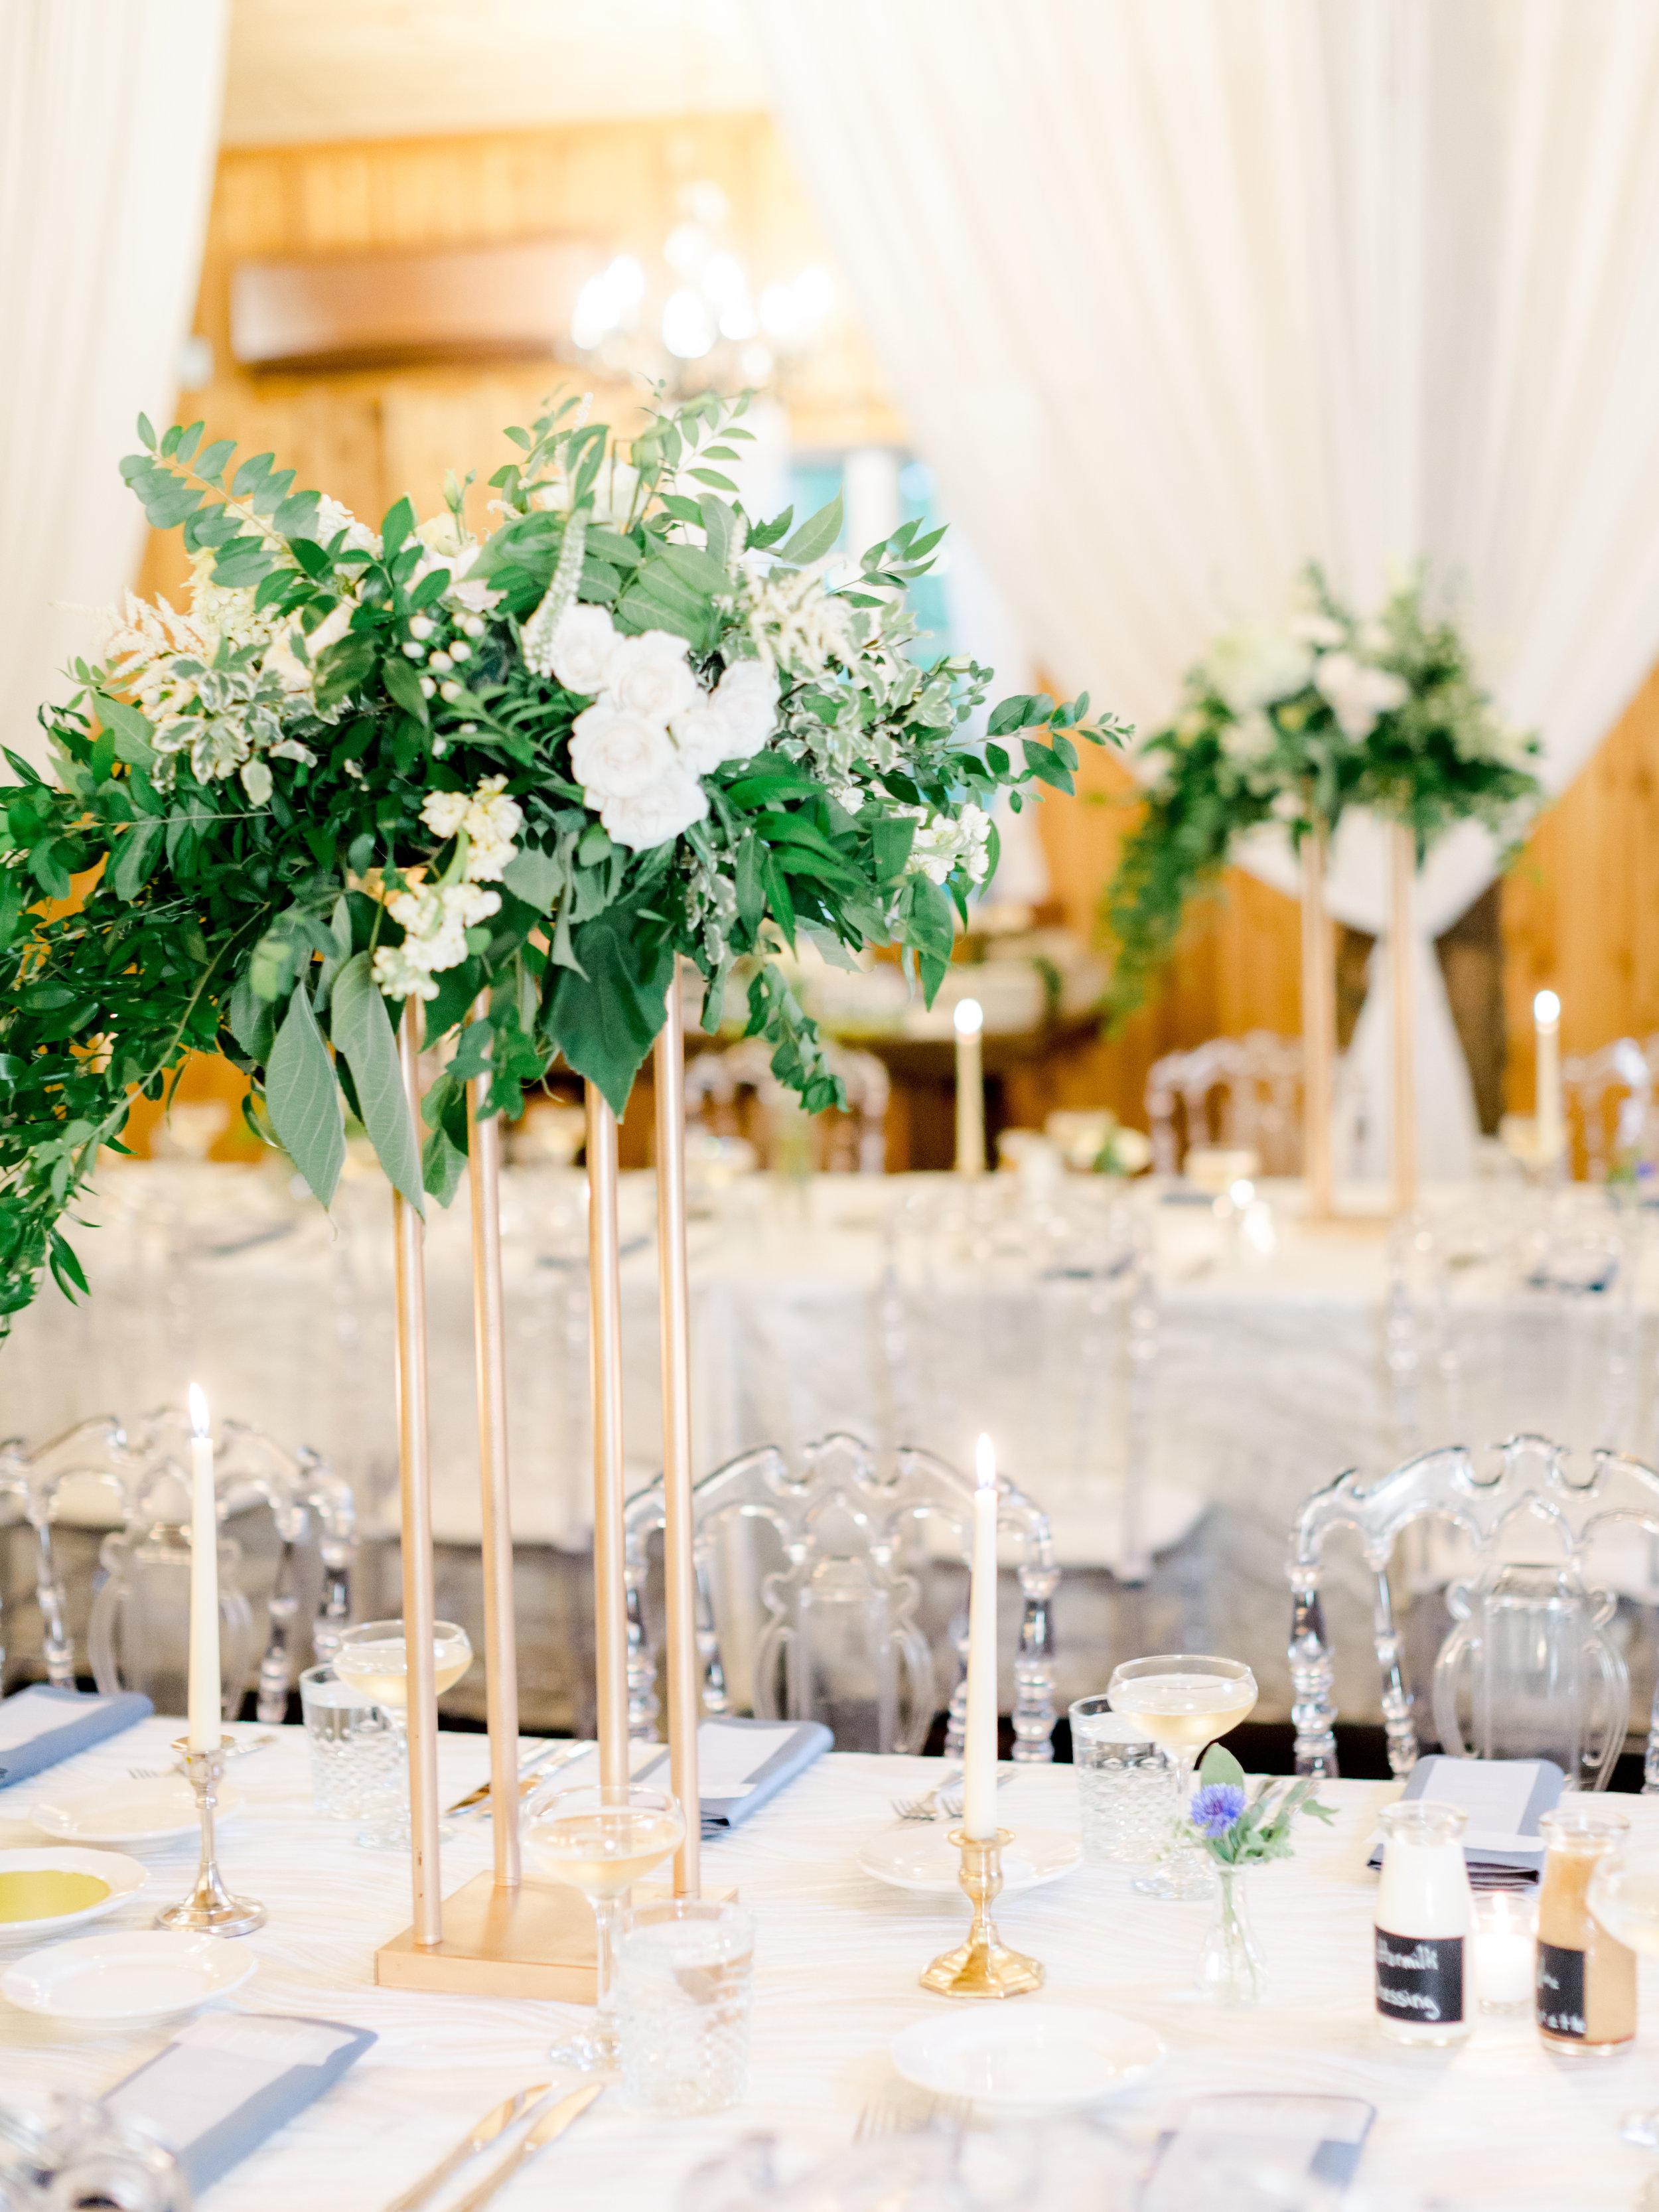 Kristen-Michael-Wedding-Details-121.jpg